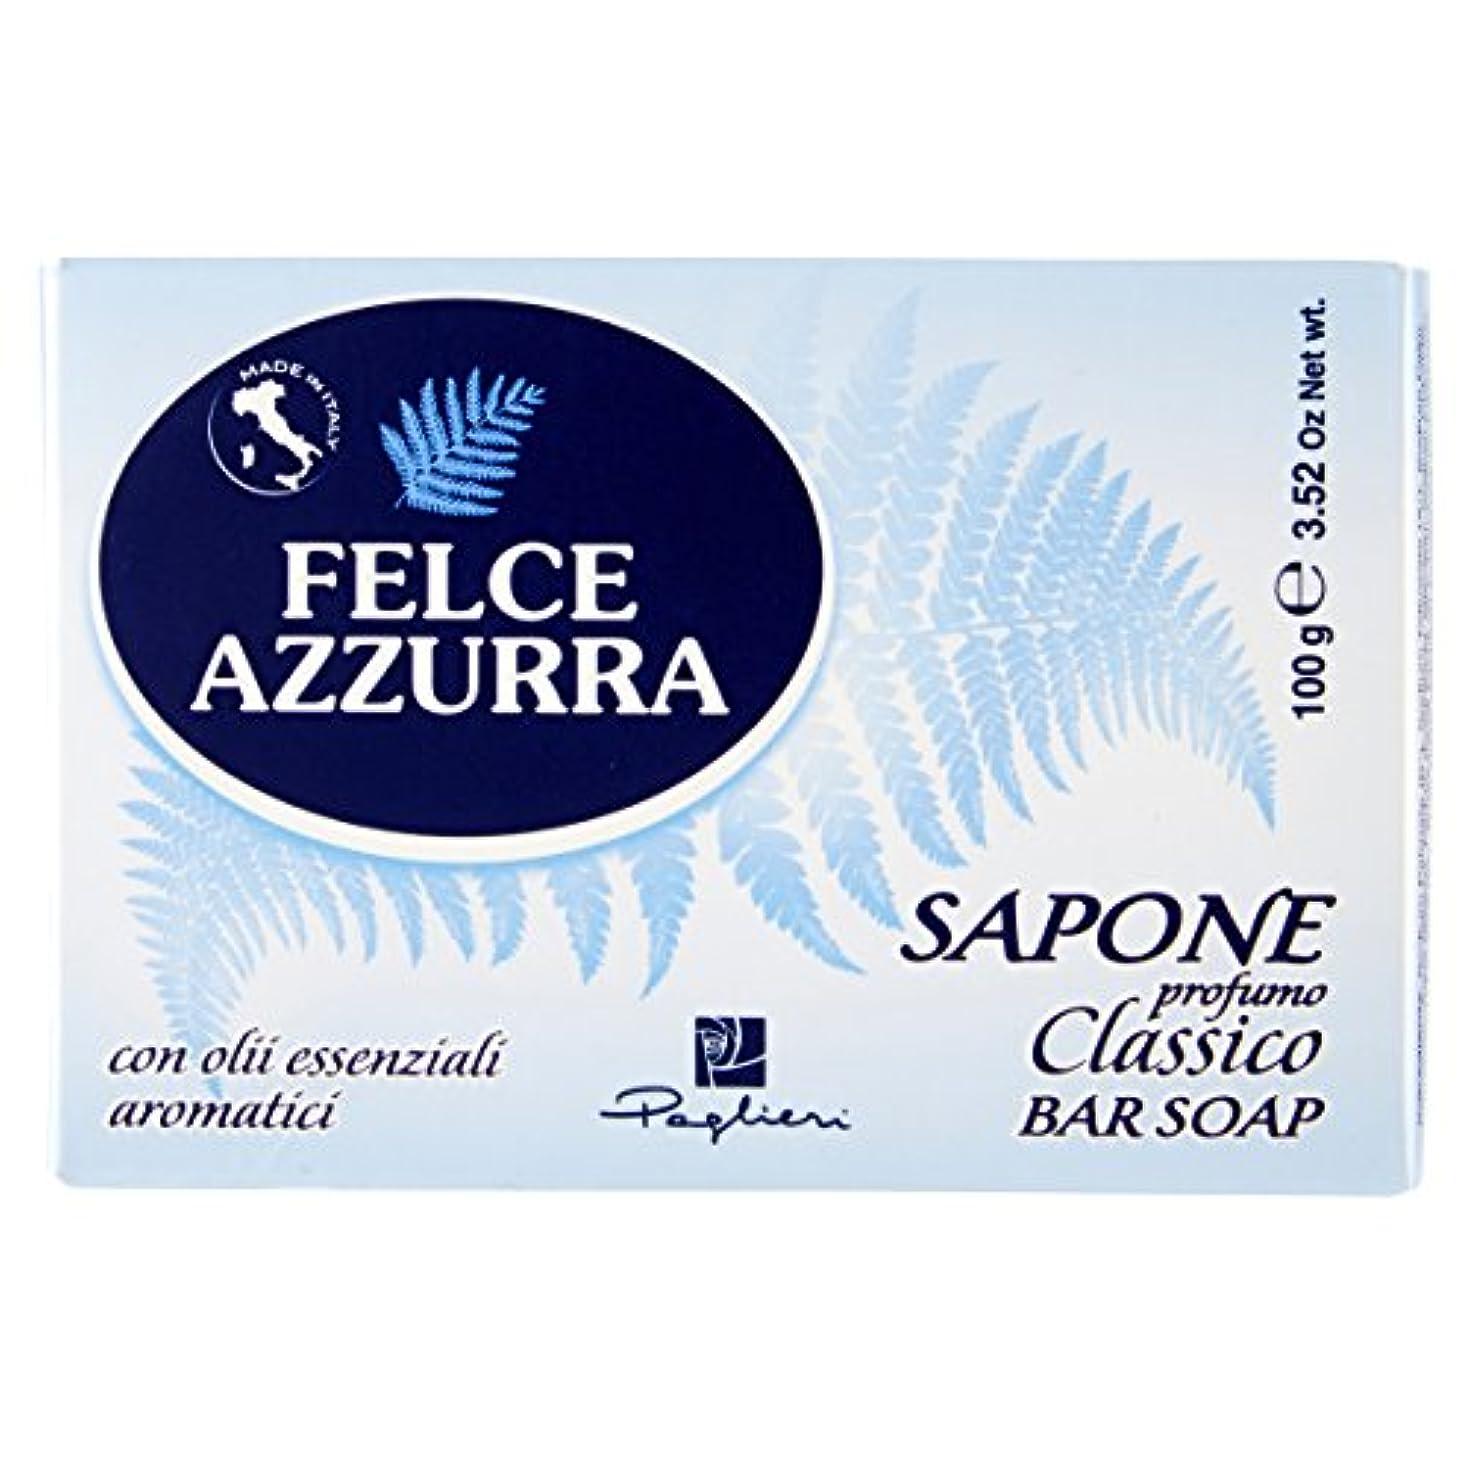 盗賊普通に甘美なFelce Azzurra Classico Bar Soap 100g soap by Felce Azzurra by Felce Azzurra